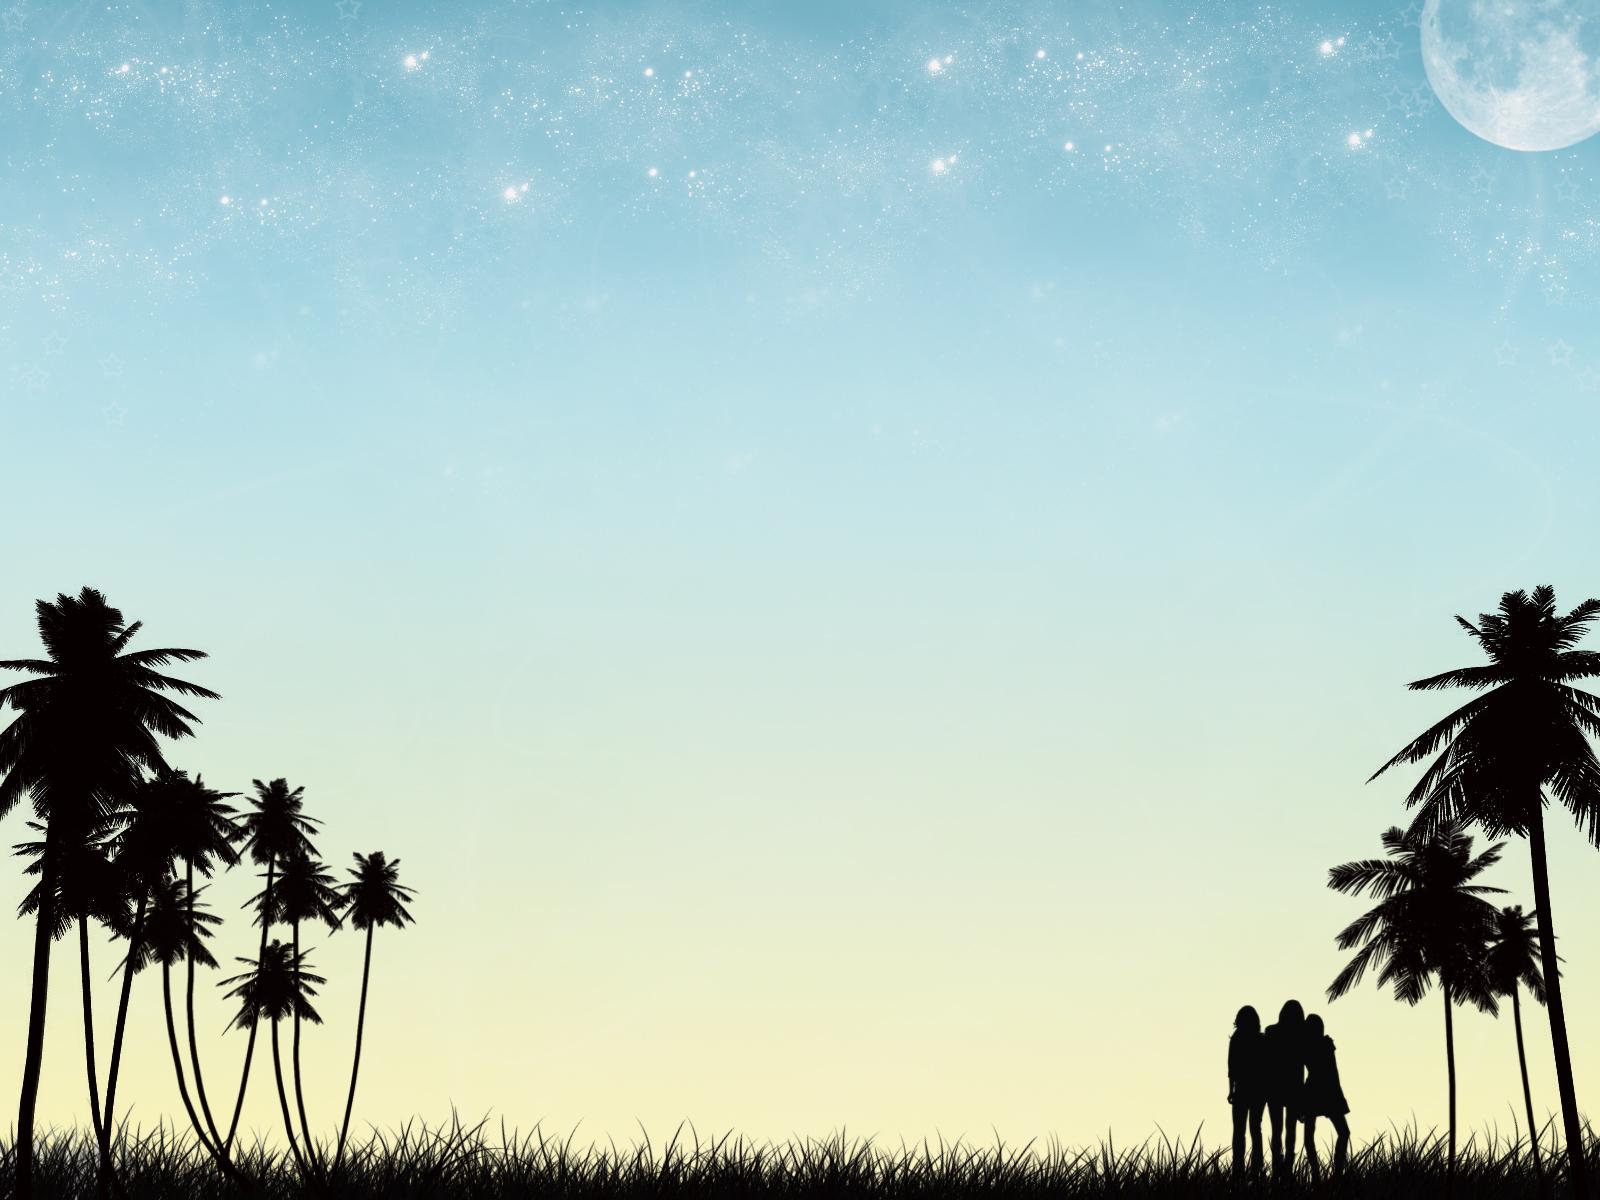 Summer Feeling by Tw4rk Desktop Wallpaper 2.